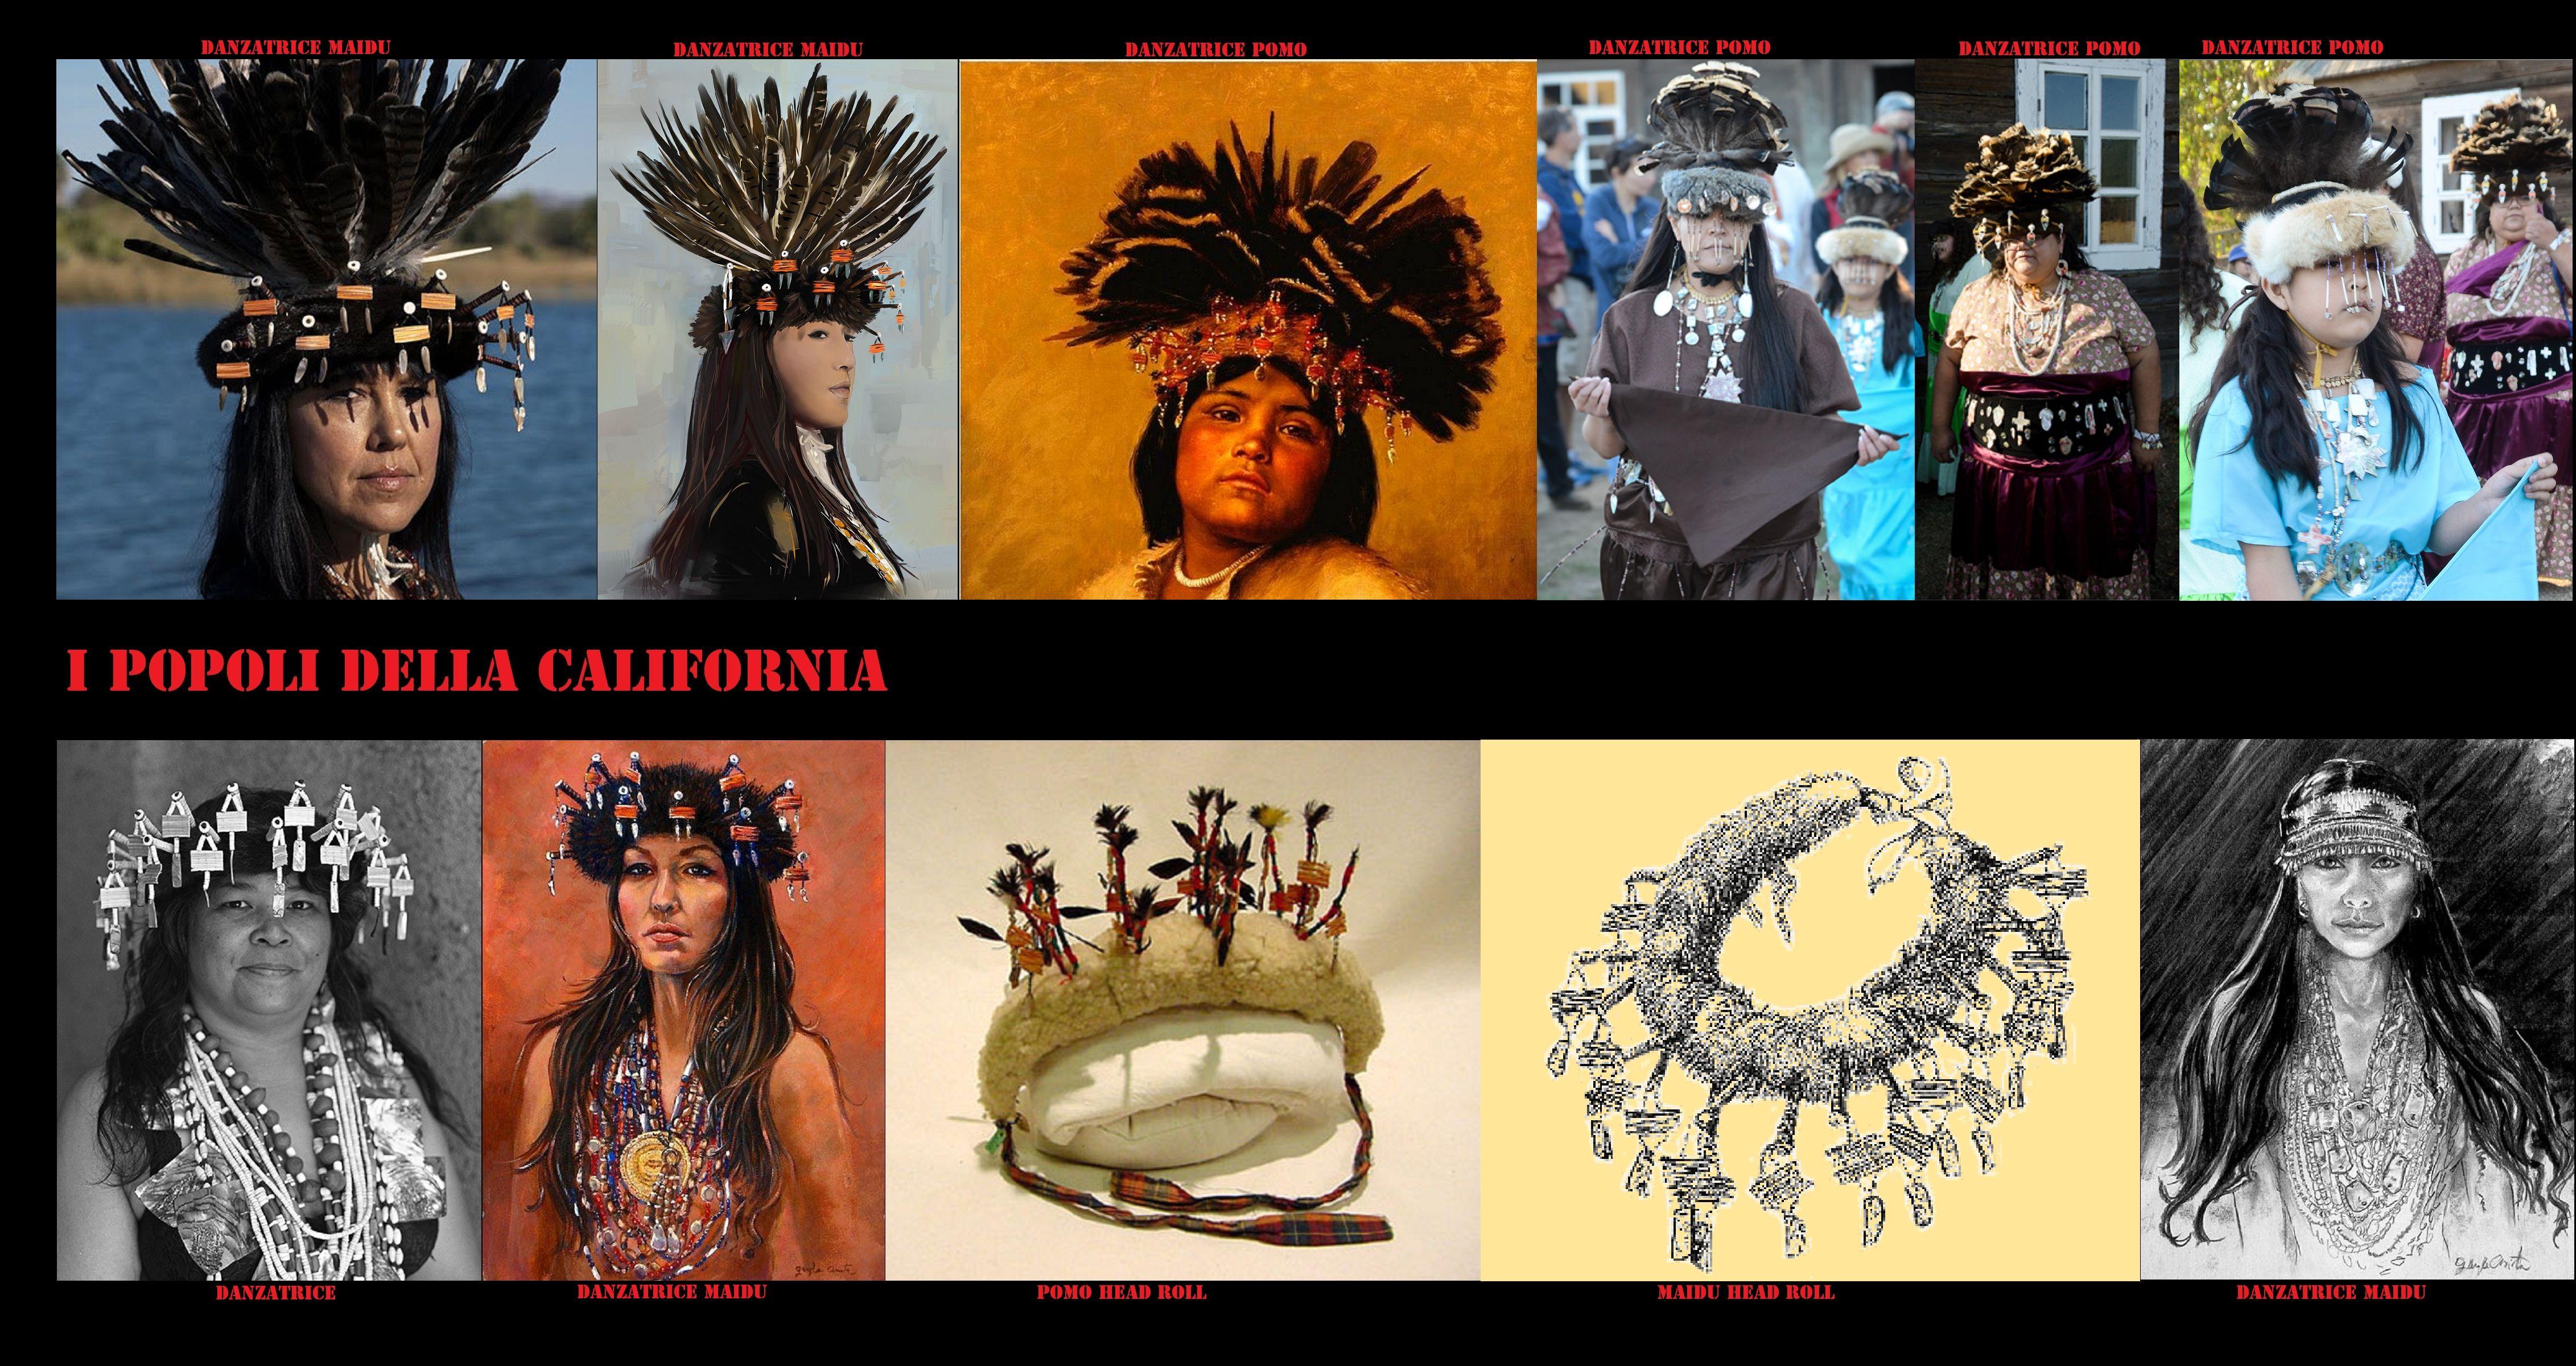 Copricapi femminili da danza piumati.  I copricapi piumati da danza non erano ad appannaggio esclusivo dei danzatori maschi, qui sono esposti alcuni reperti usati dalle donne nei rituali dei Pomo e dei Maidu